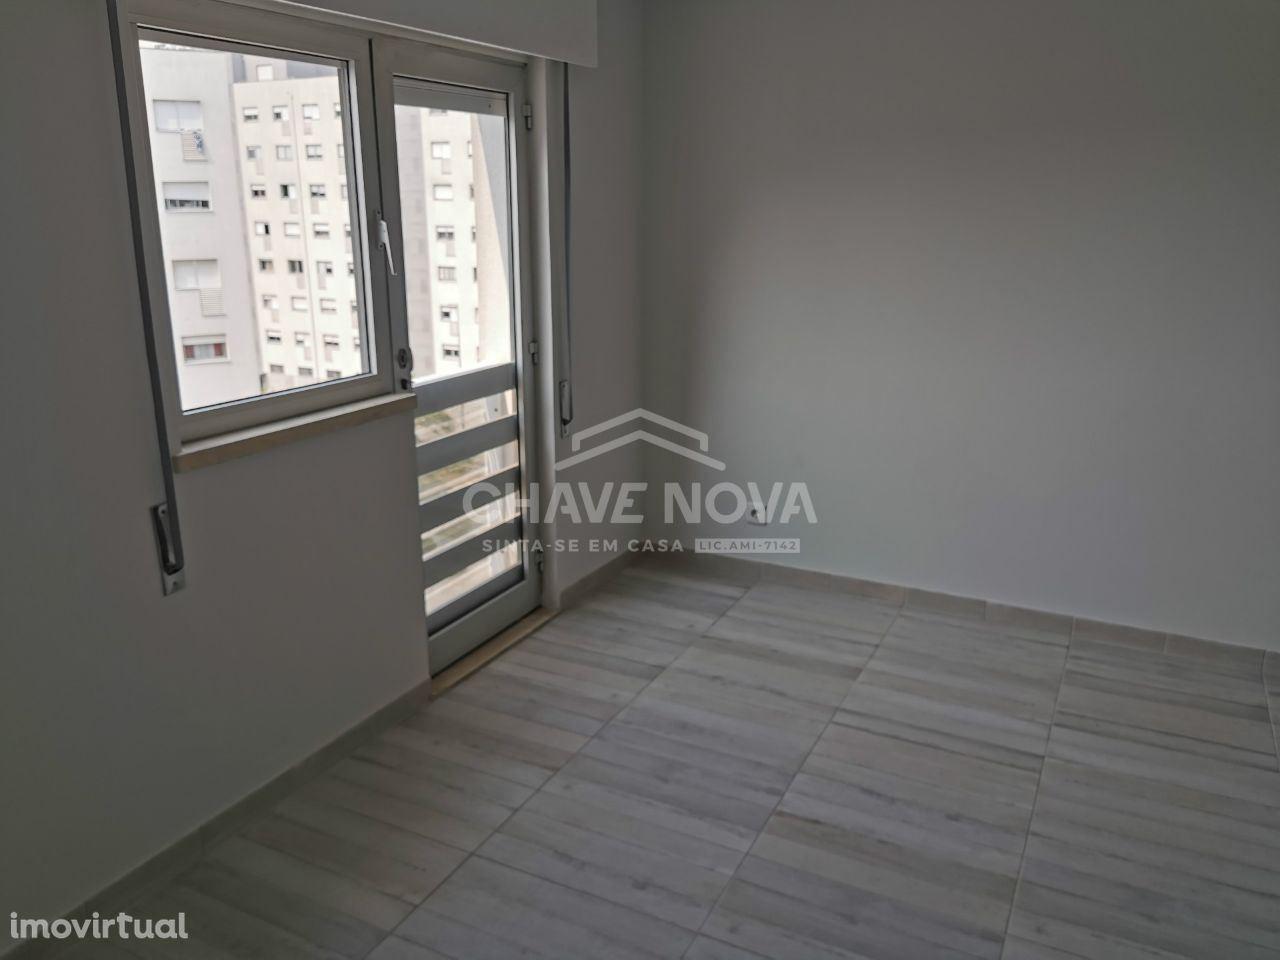 Apartamento T1-Vila Nova de Gaia, Vilar de Andorinho